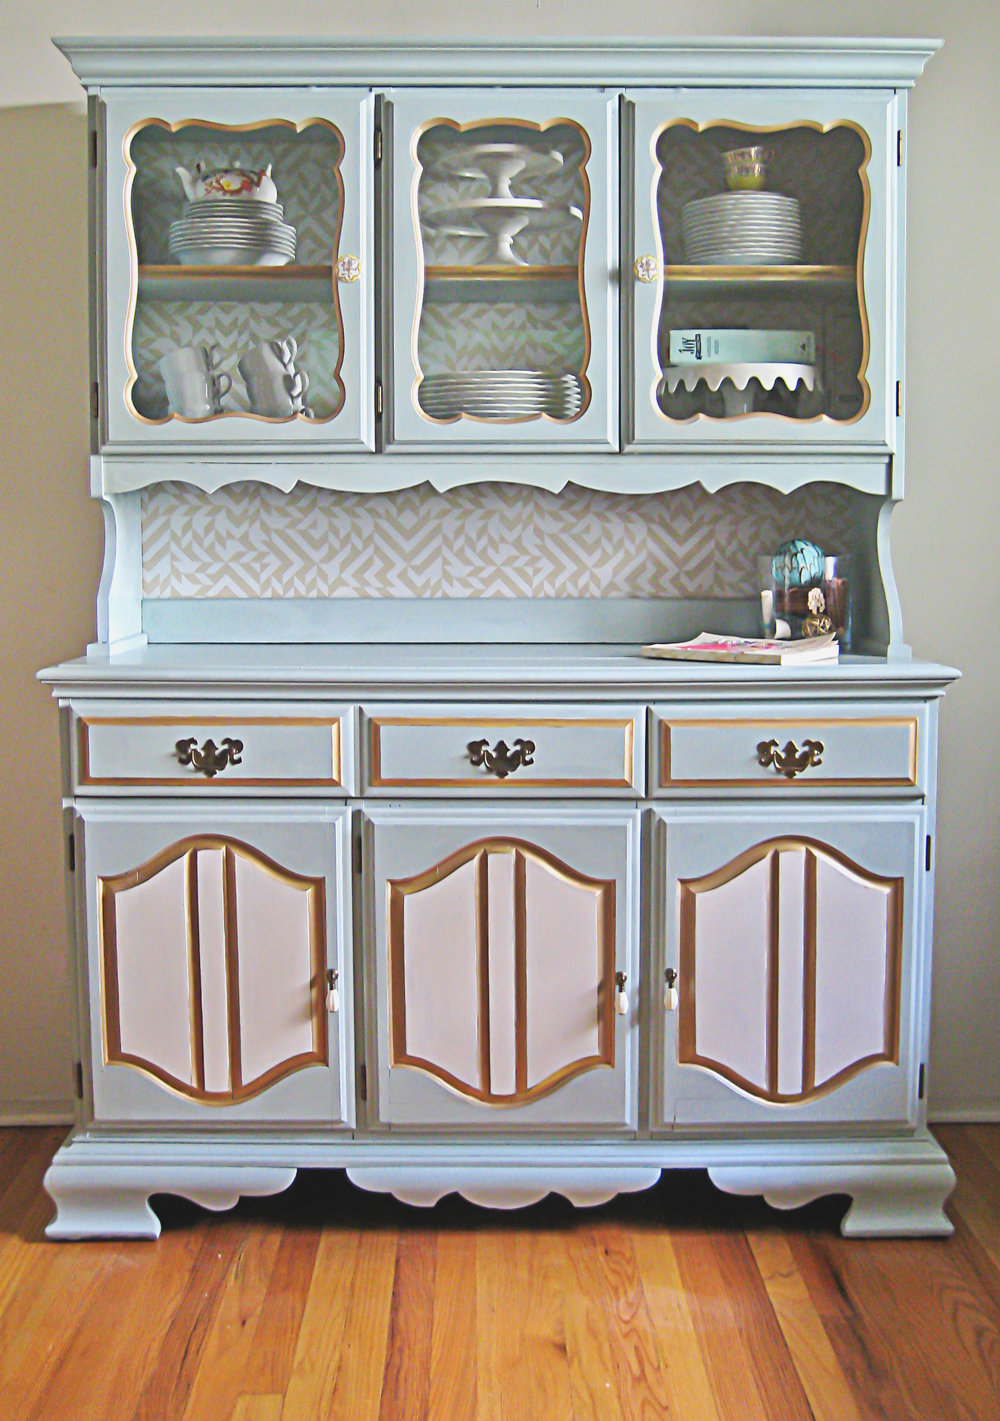 реставрация кухонной мебели своими руками картинки второй фотокор